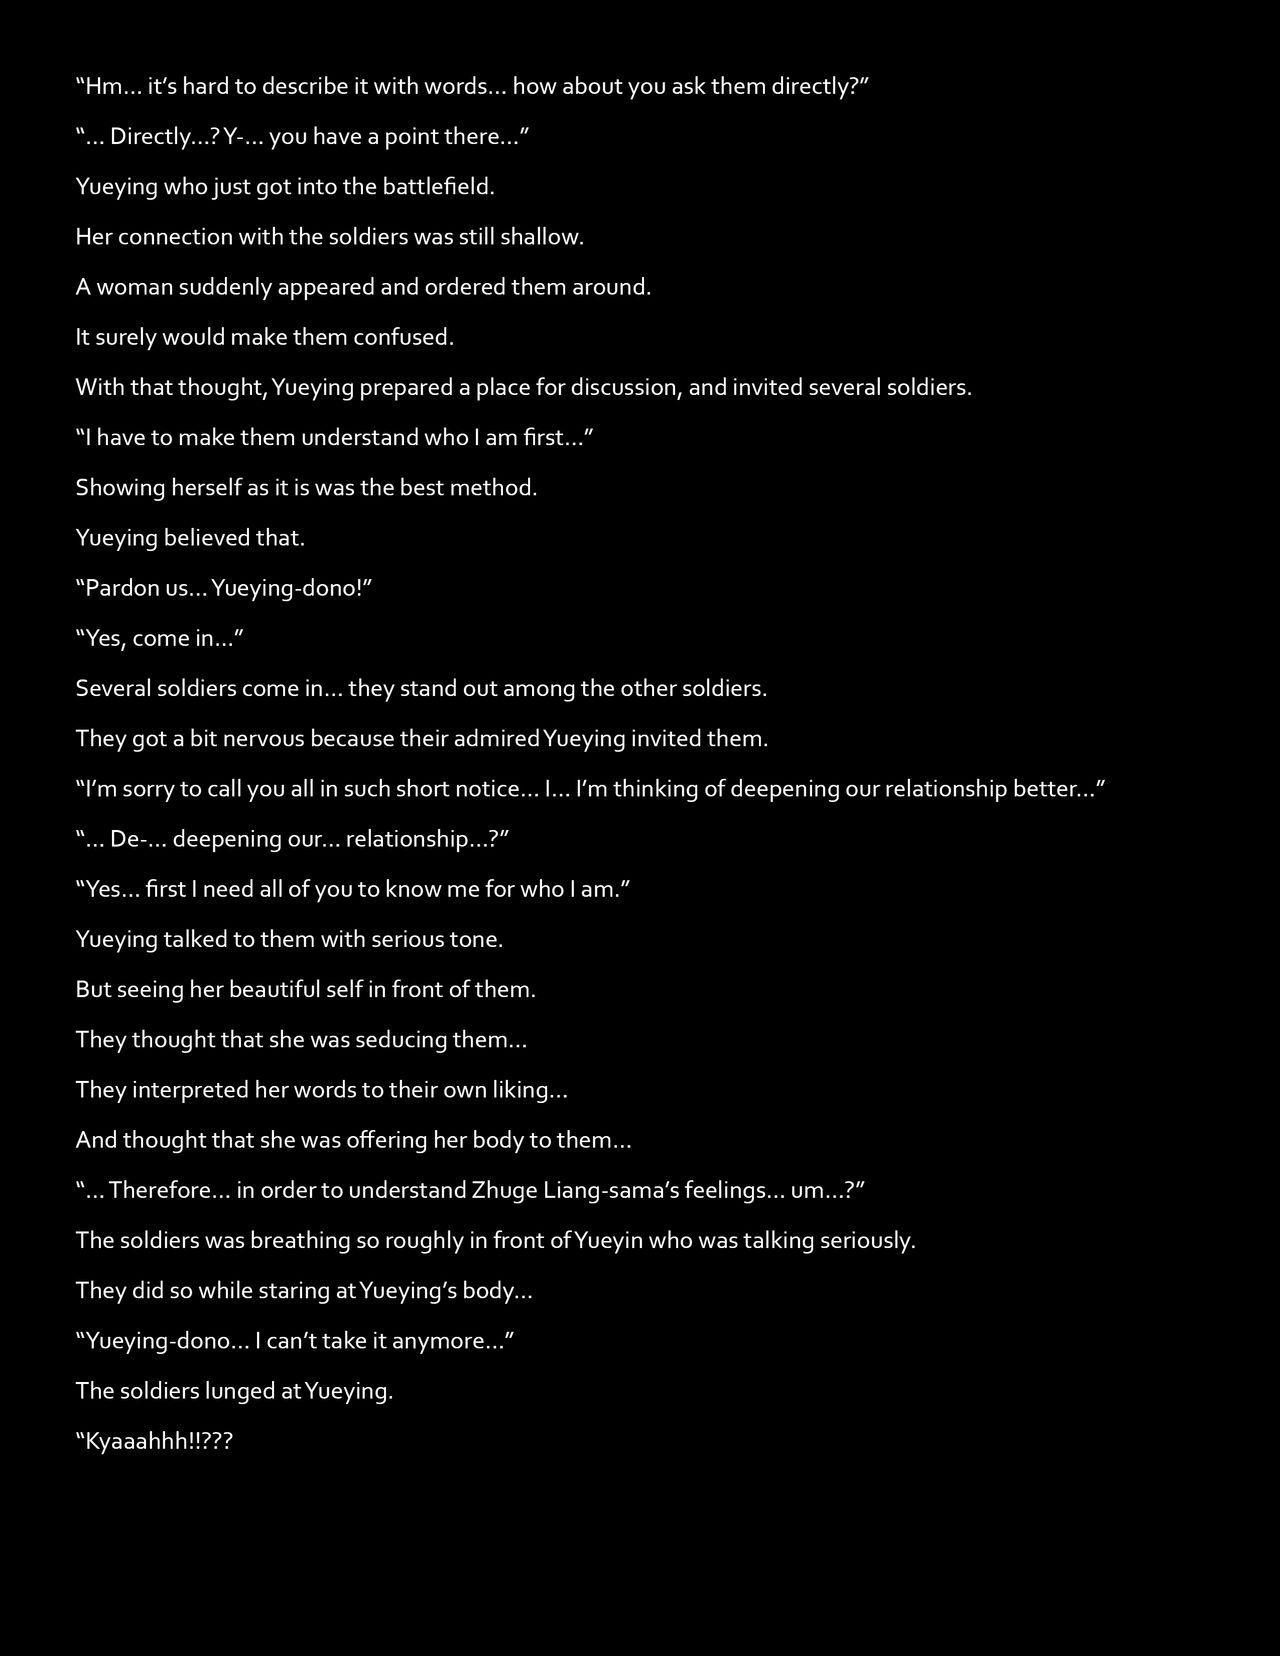 [DEEP RISING (THOR)] Chou Ryoujoku Musou (Dynasty Warriors) Huang Yueying [English] [webdriver] 2